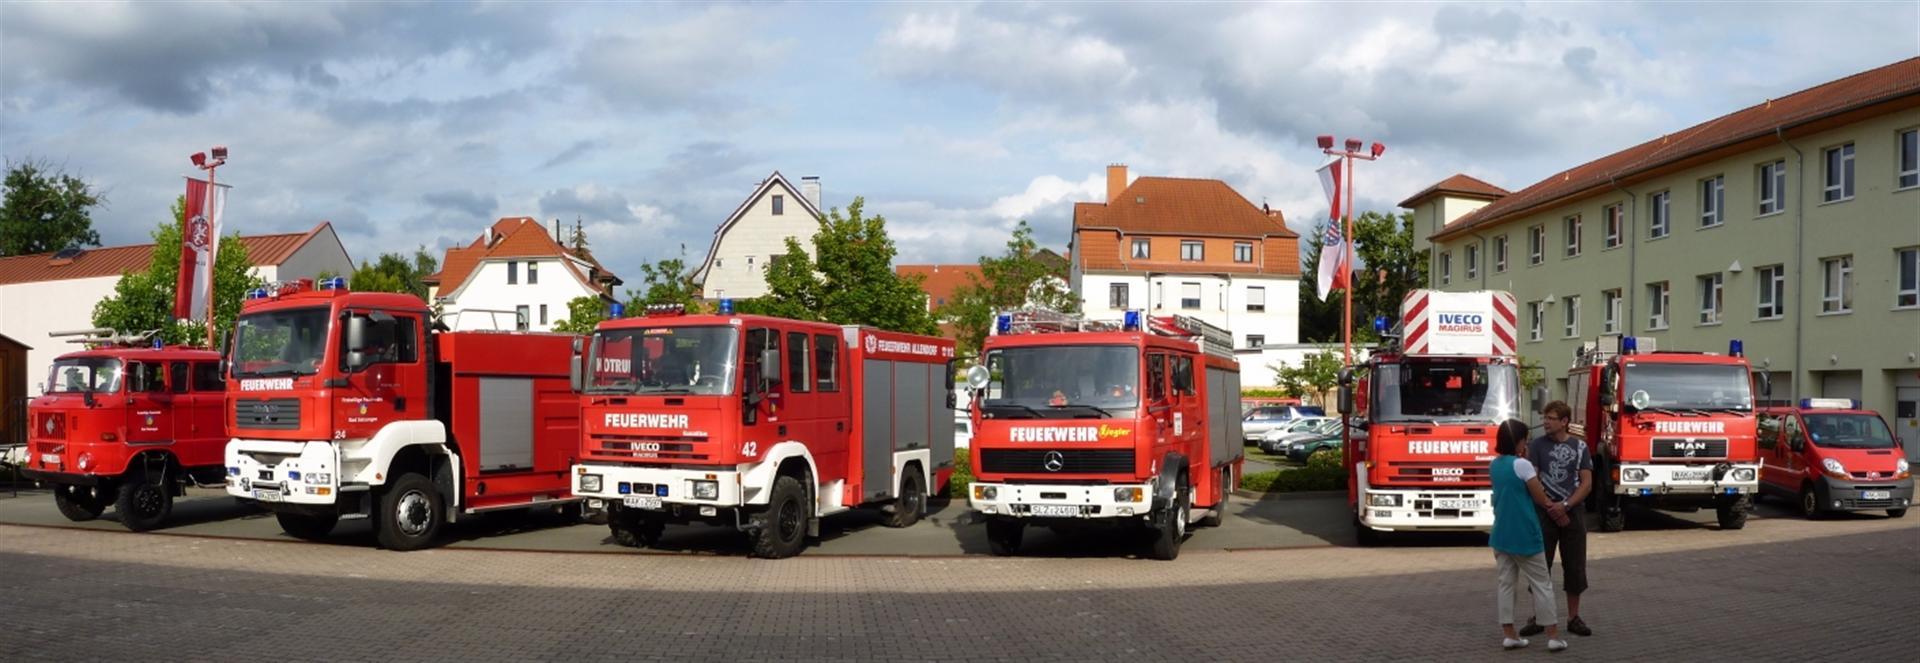 Allgemeines Feuerwehr Unterbreizbach